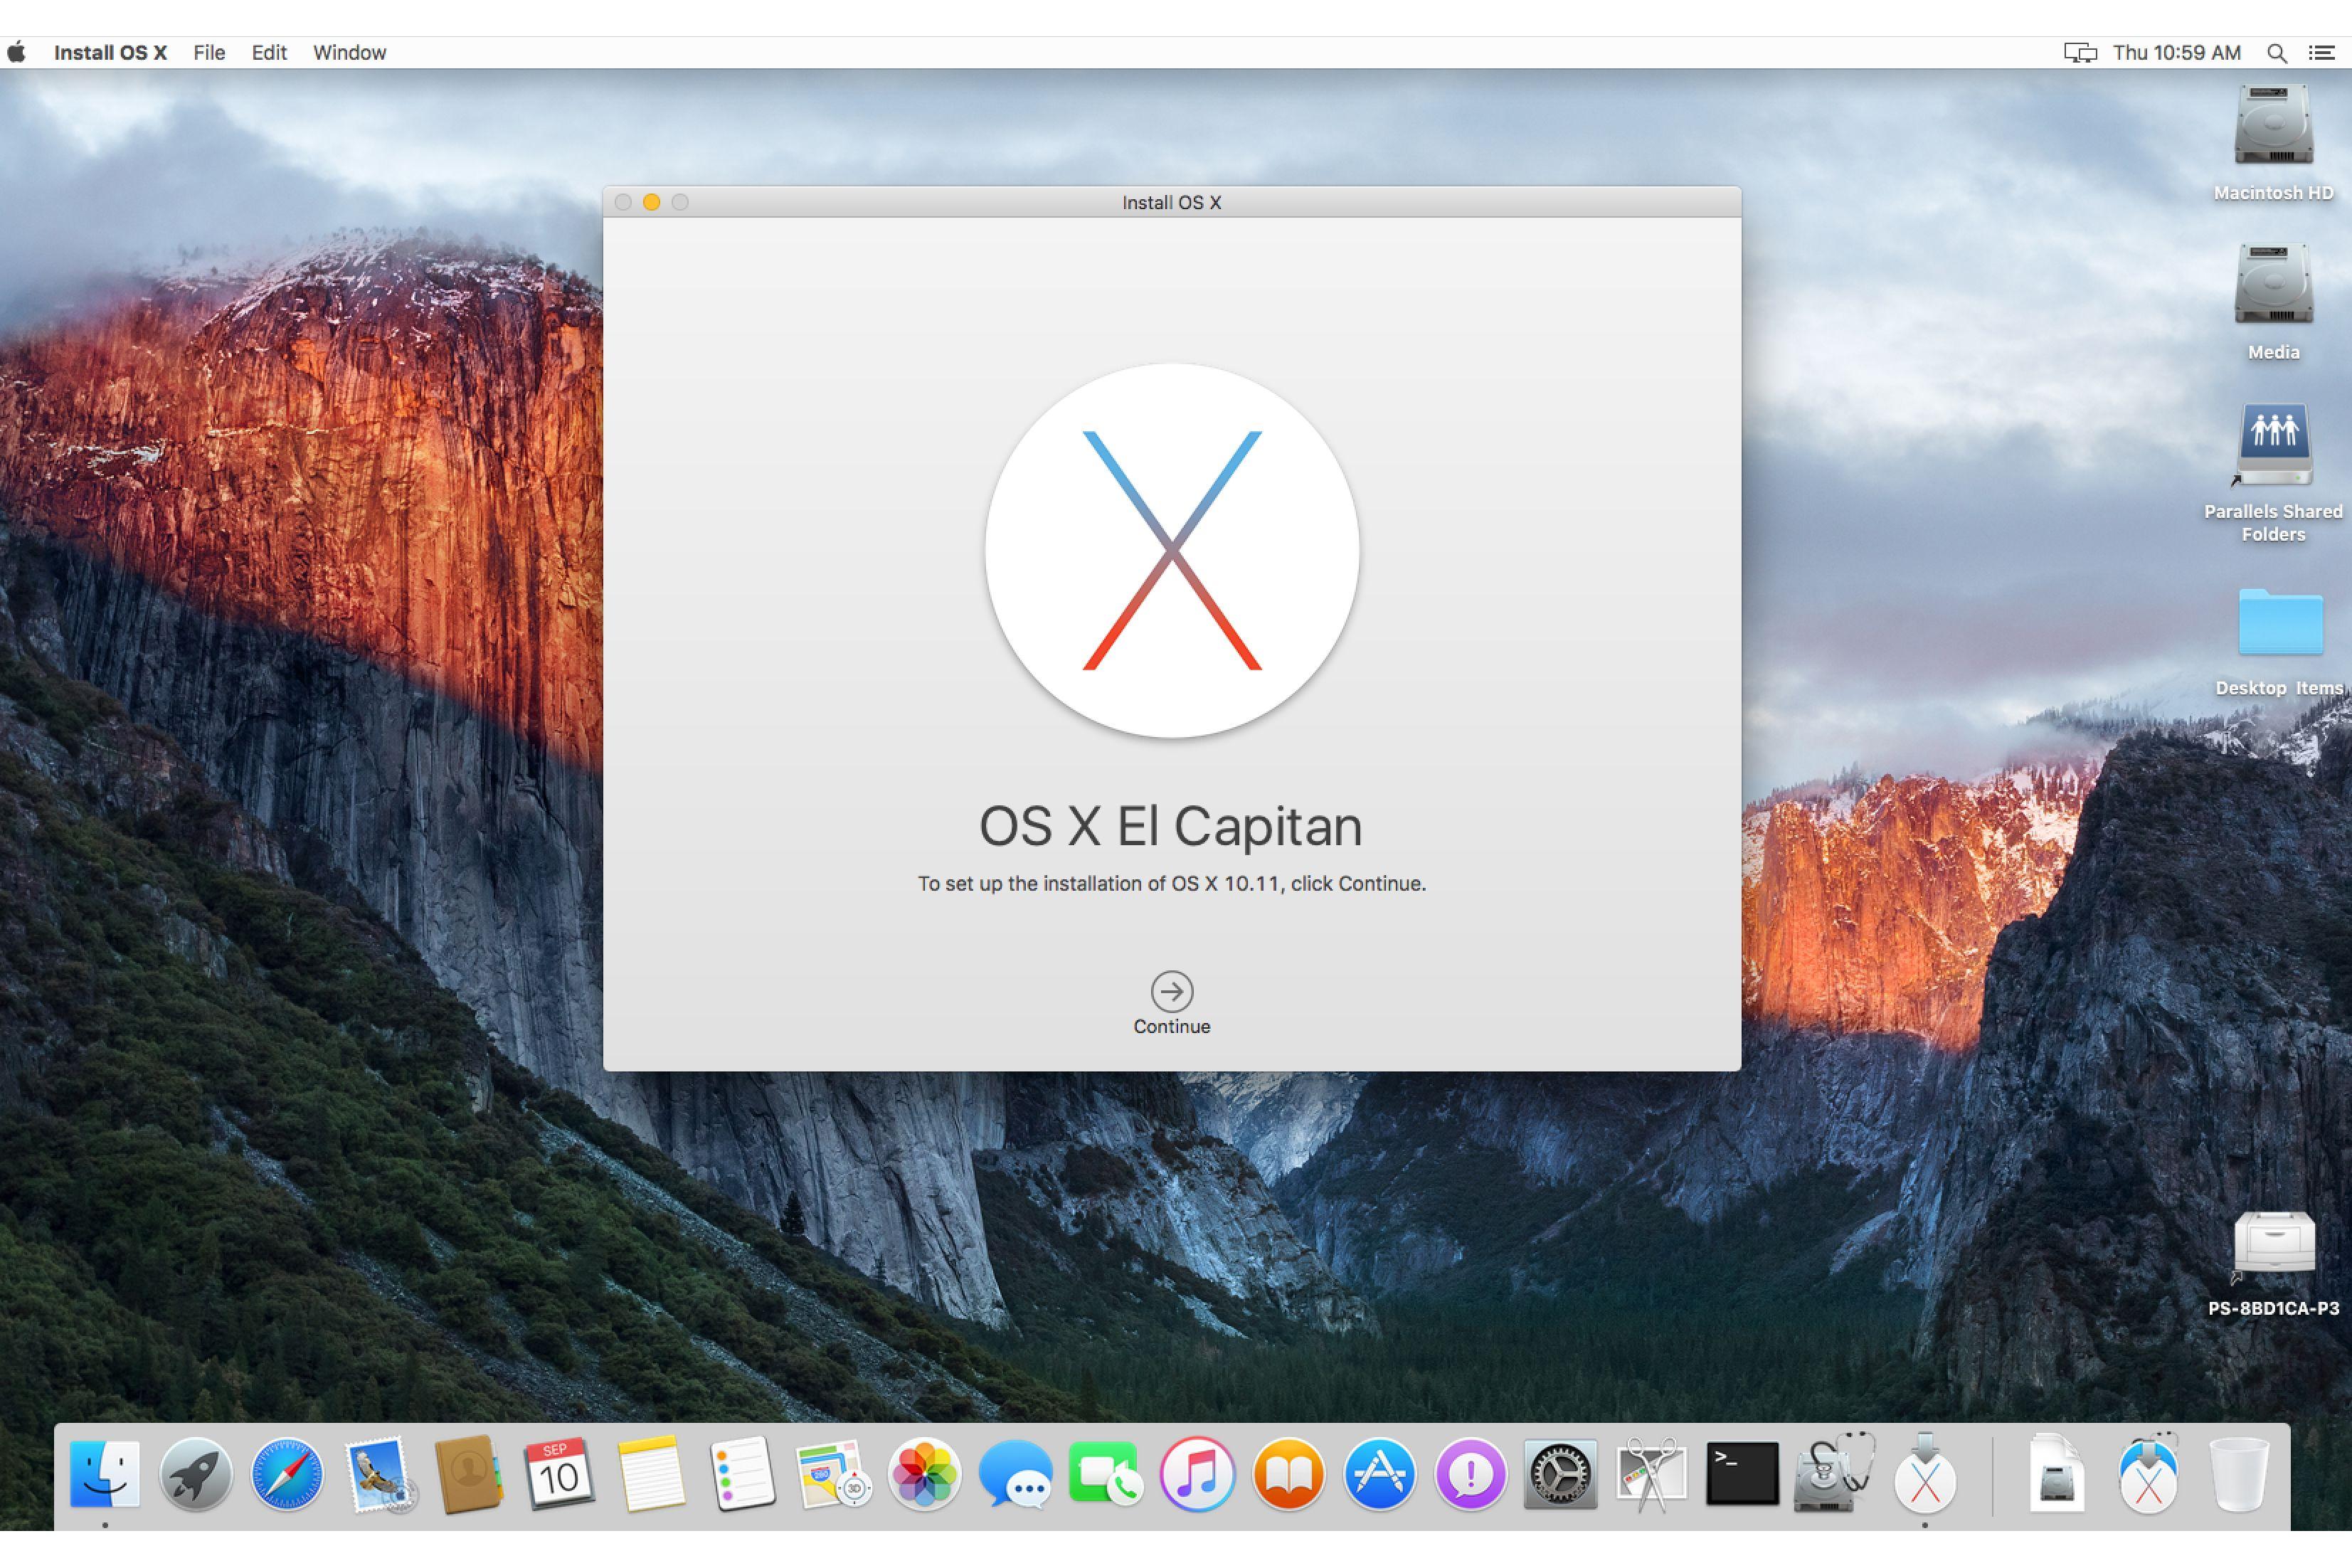 Descargar archivo dmg el capitan mac OS